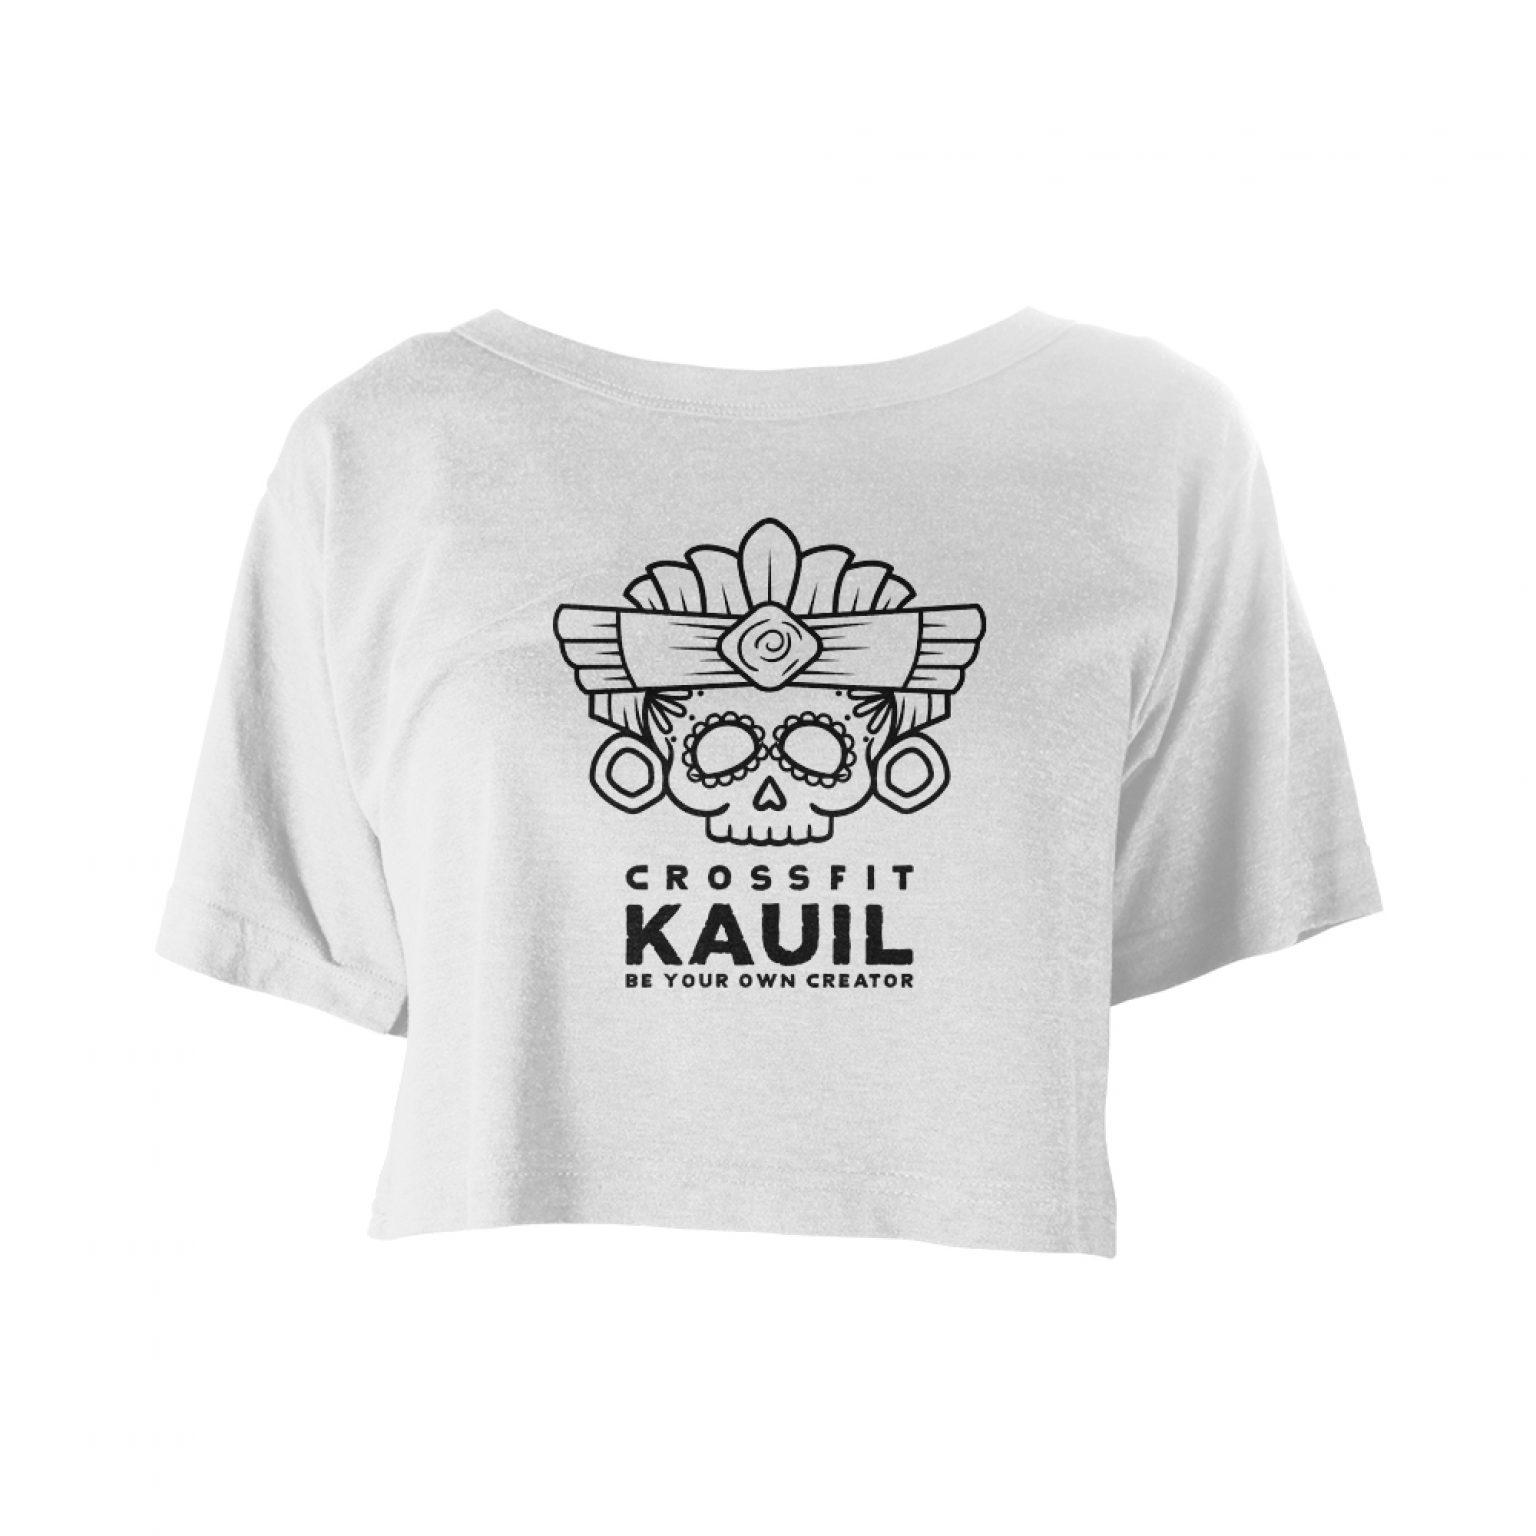 CrossFit Kauil Festival Weiss schwarz